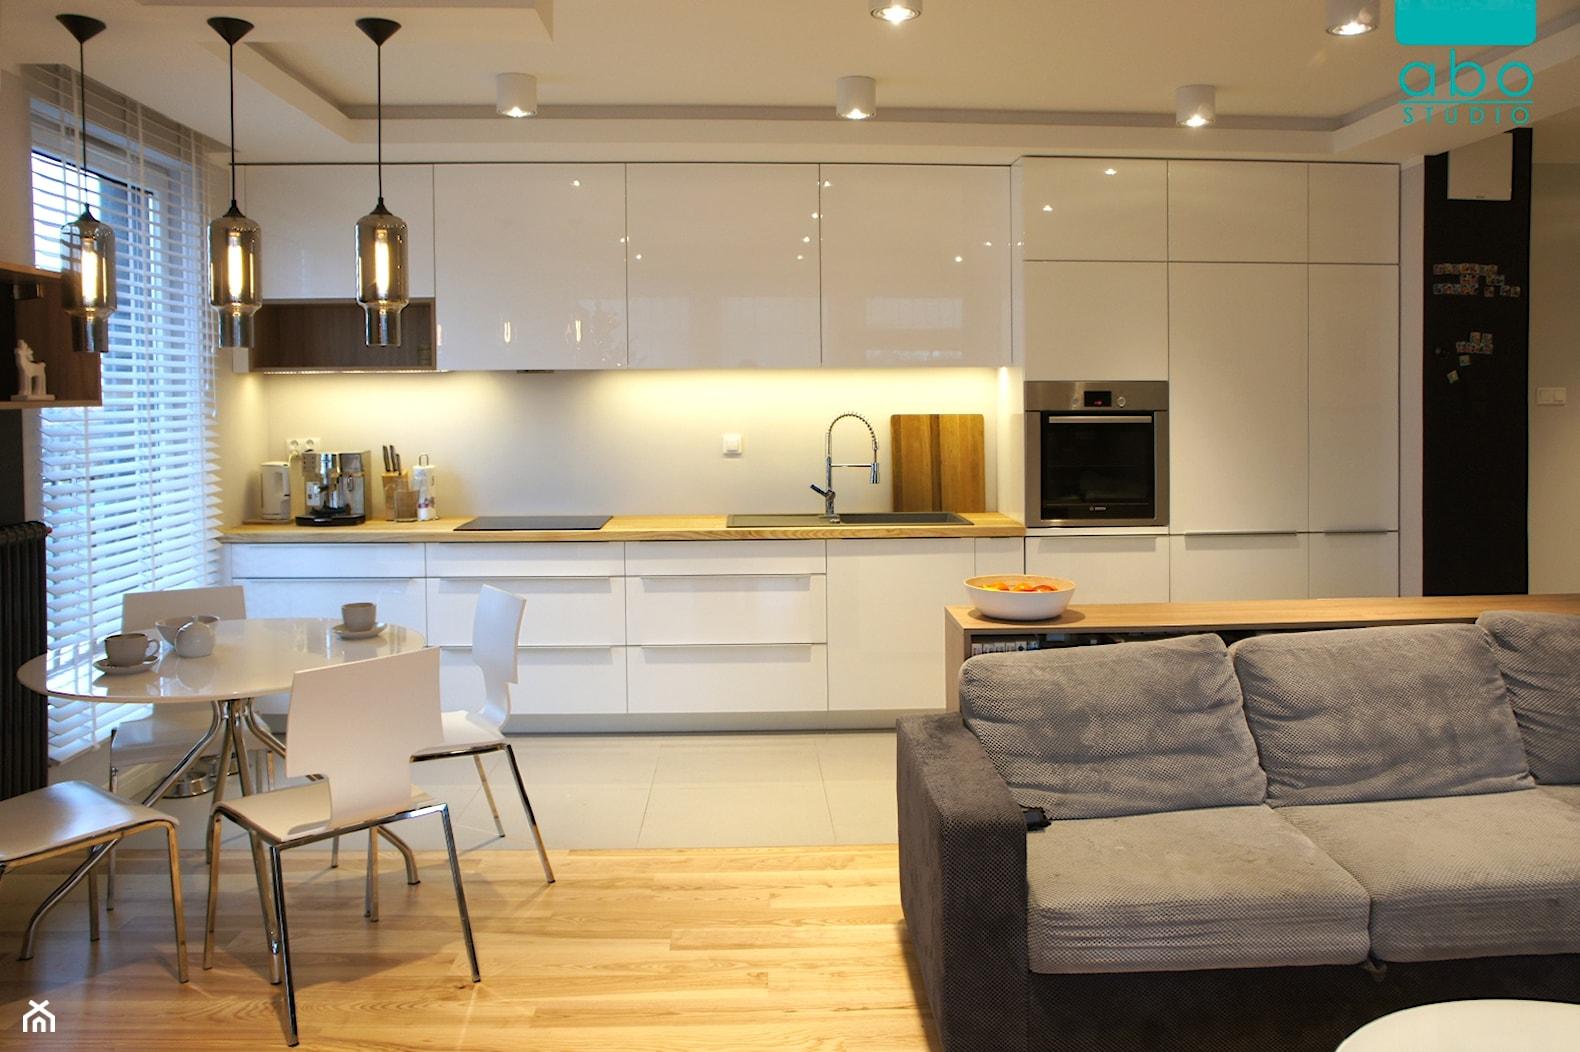 apartament 2+2 - Średnia otwarta beżowa kuchnia jednorzędowa w aneksie, styl nowoczesny - zdjęcie od abostudio - Homebook